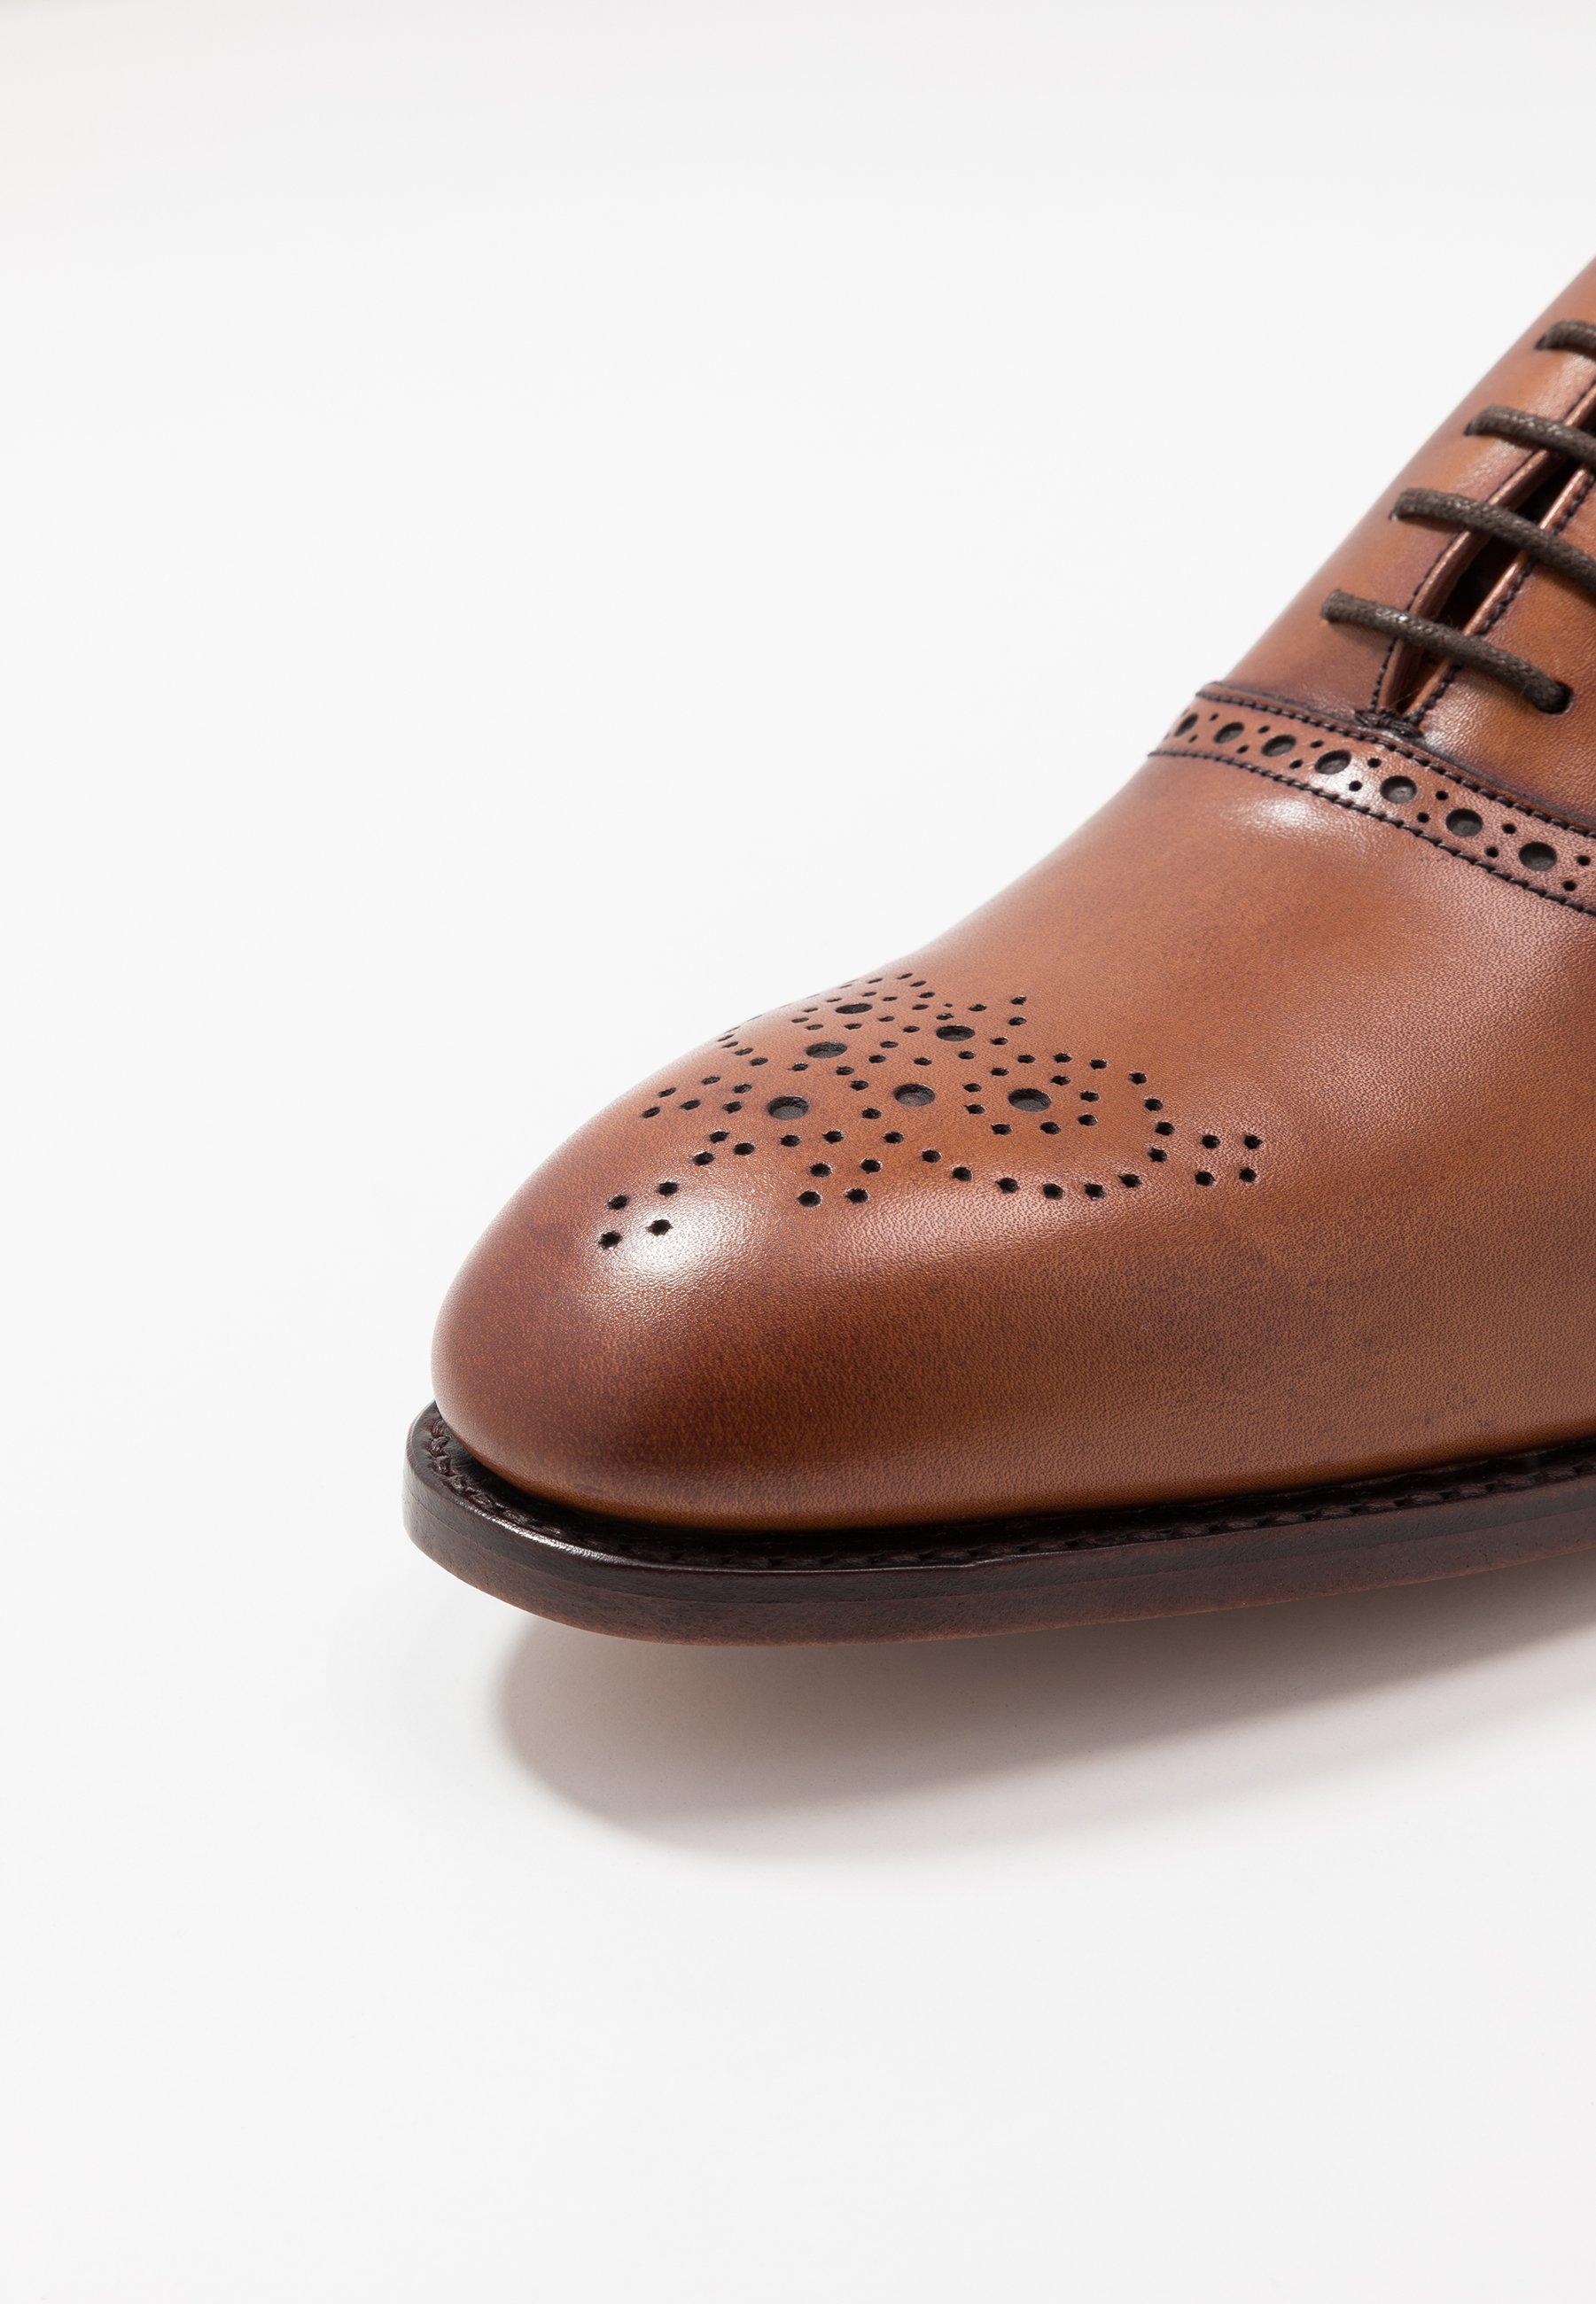 In vendita Scarpe da uomo Barker NEWCHURCH Stringate eleganti antique rosewood